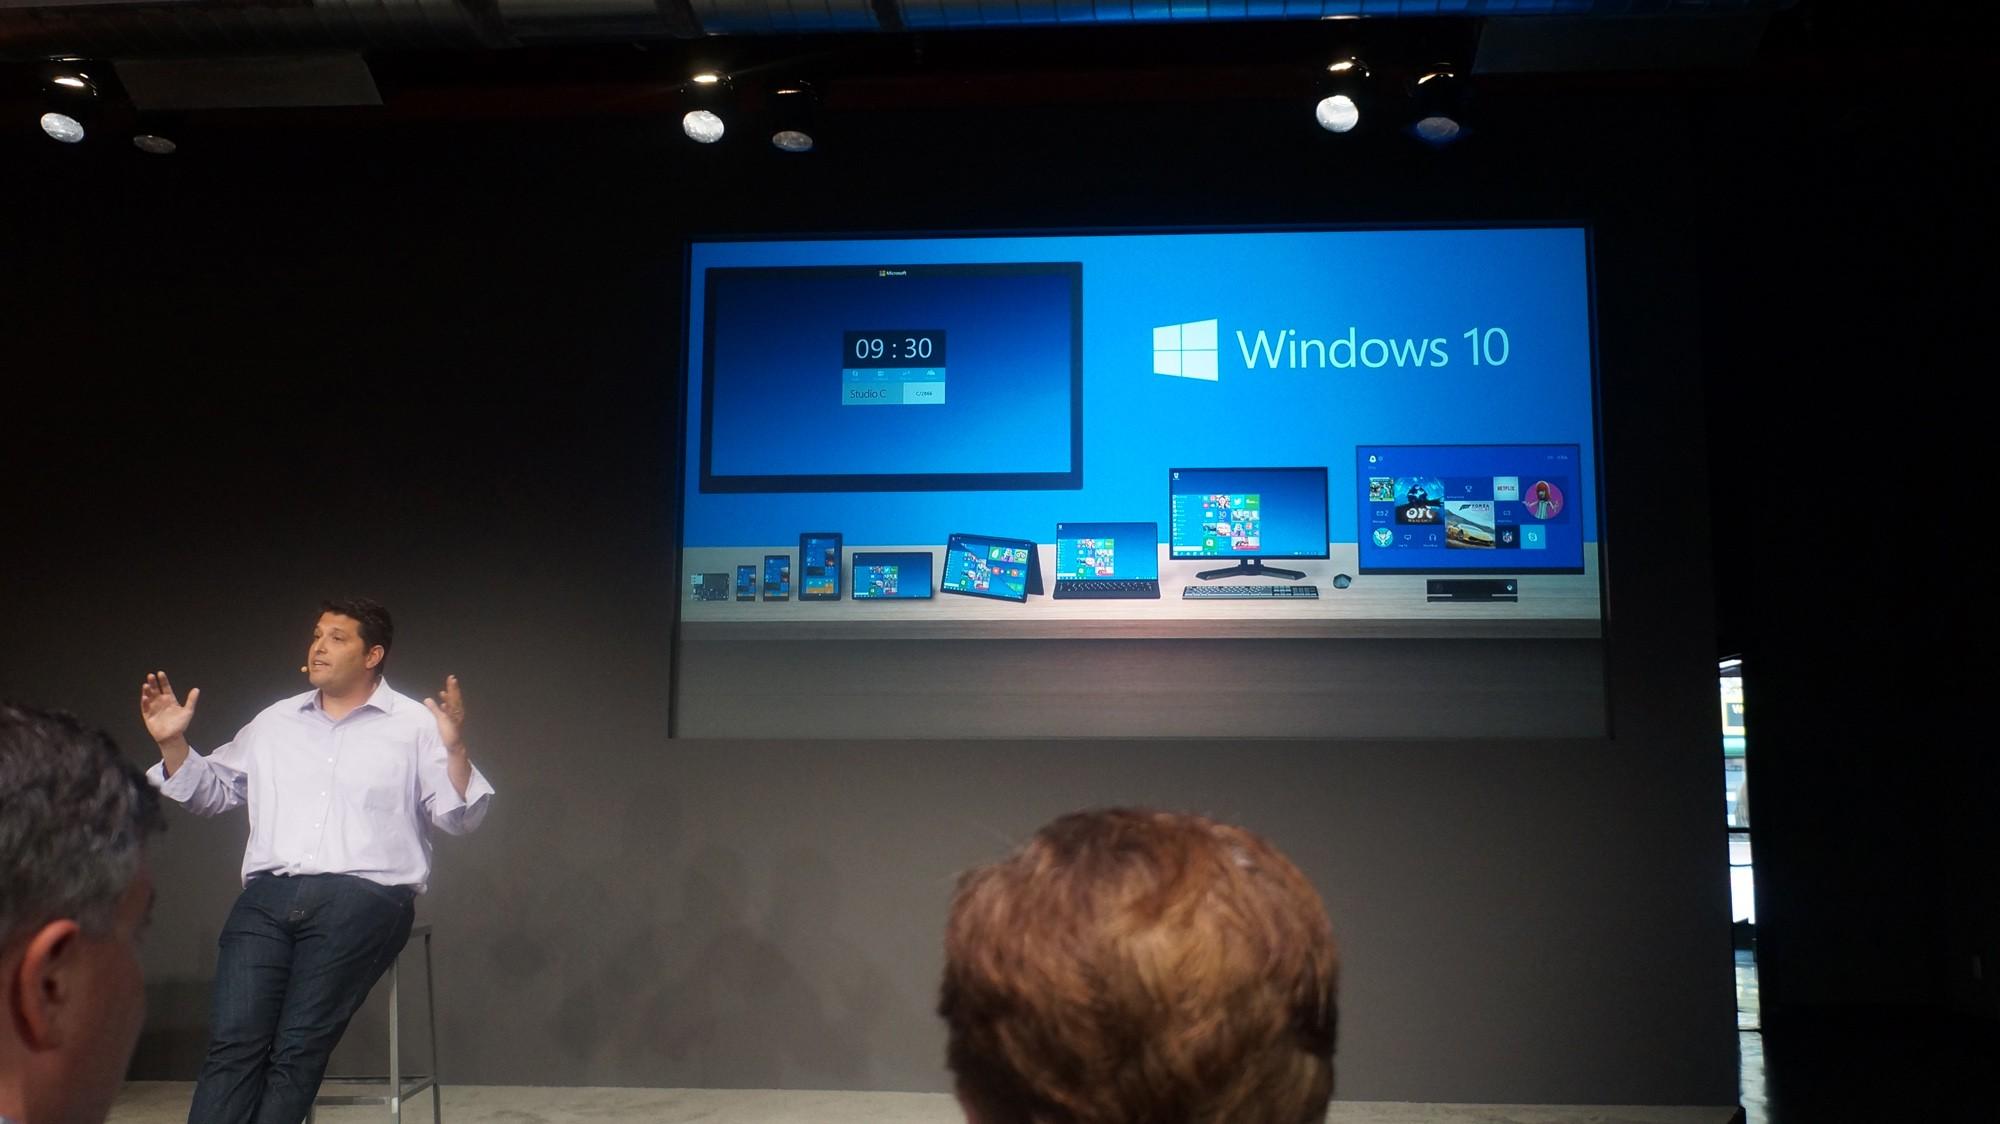 wINDOWS 10 - Microsoft sẽ hé lộ Windows 10 cho điện thoại và máy bảng trong tháng 1